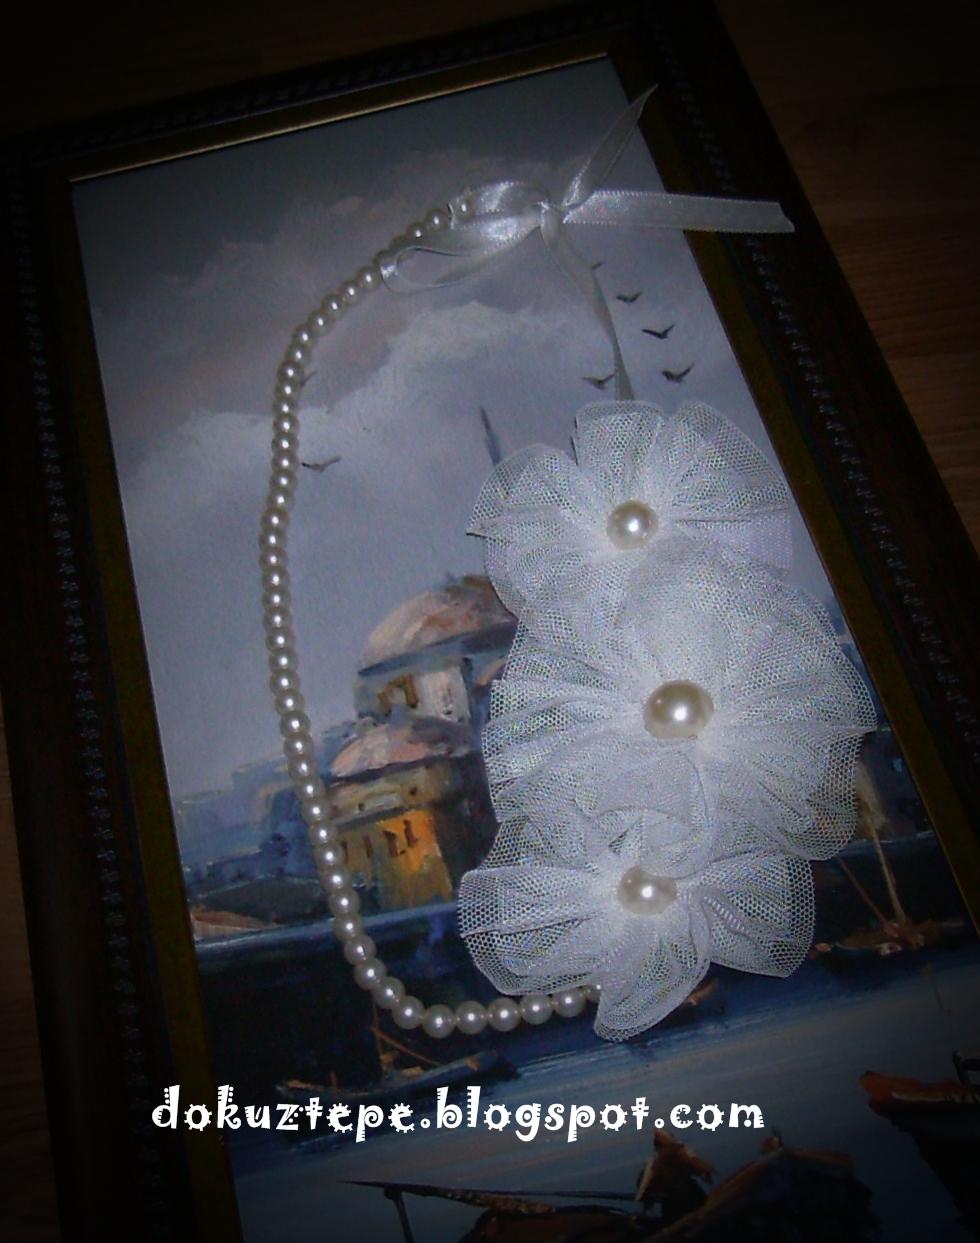 http://4.bp.blogspot.com/_1V3coscdRoY/TUXIM4GZ41I/AAAAAAAAA3s/Q9VzDF1xff0/s1600/SANY4492.JPG